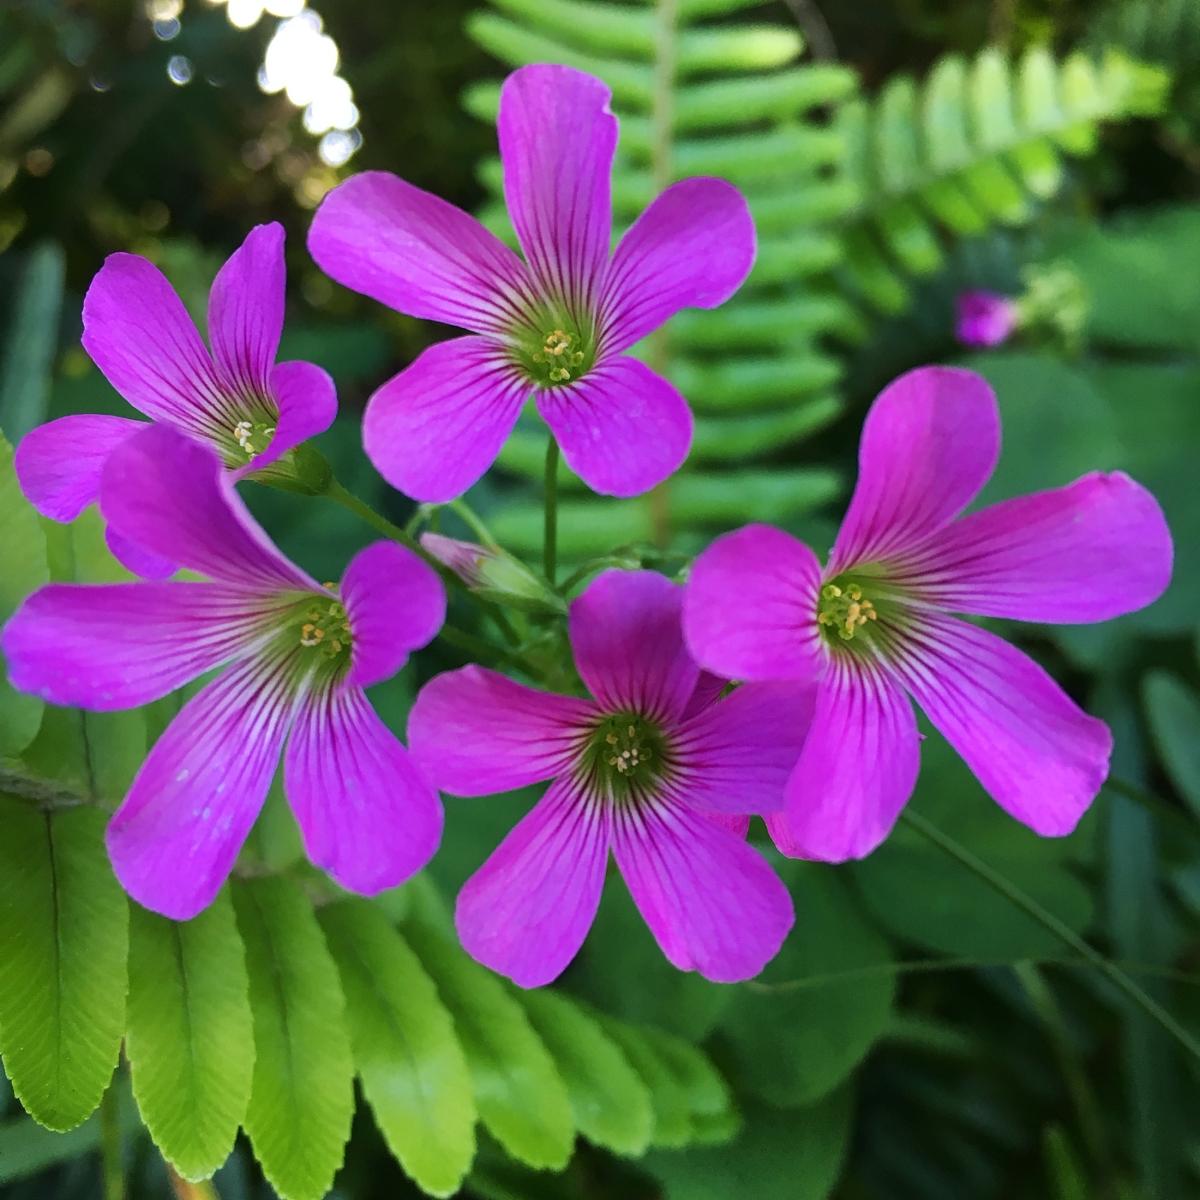 clover flowers pink wood sorrel